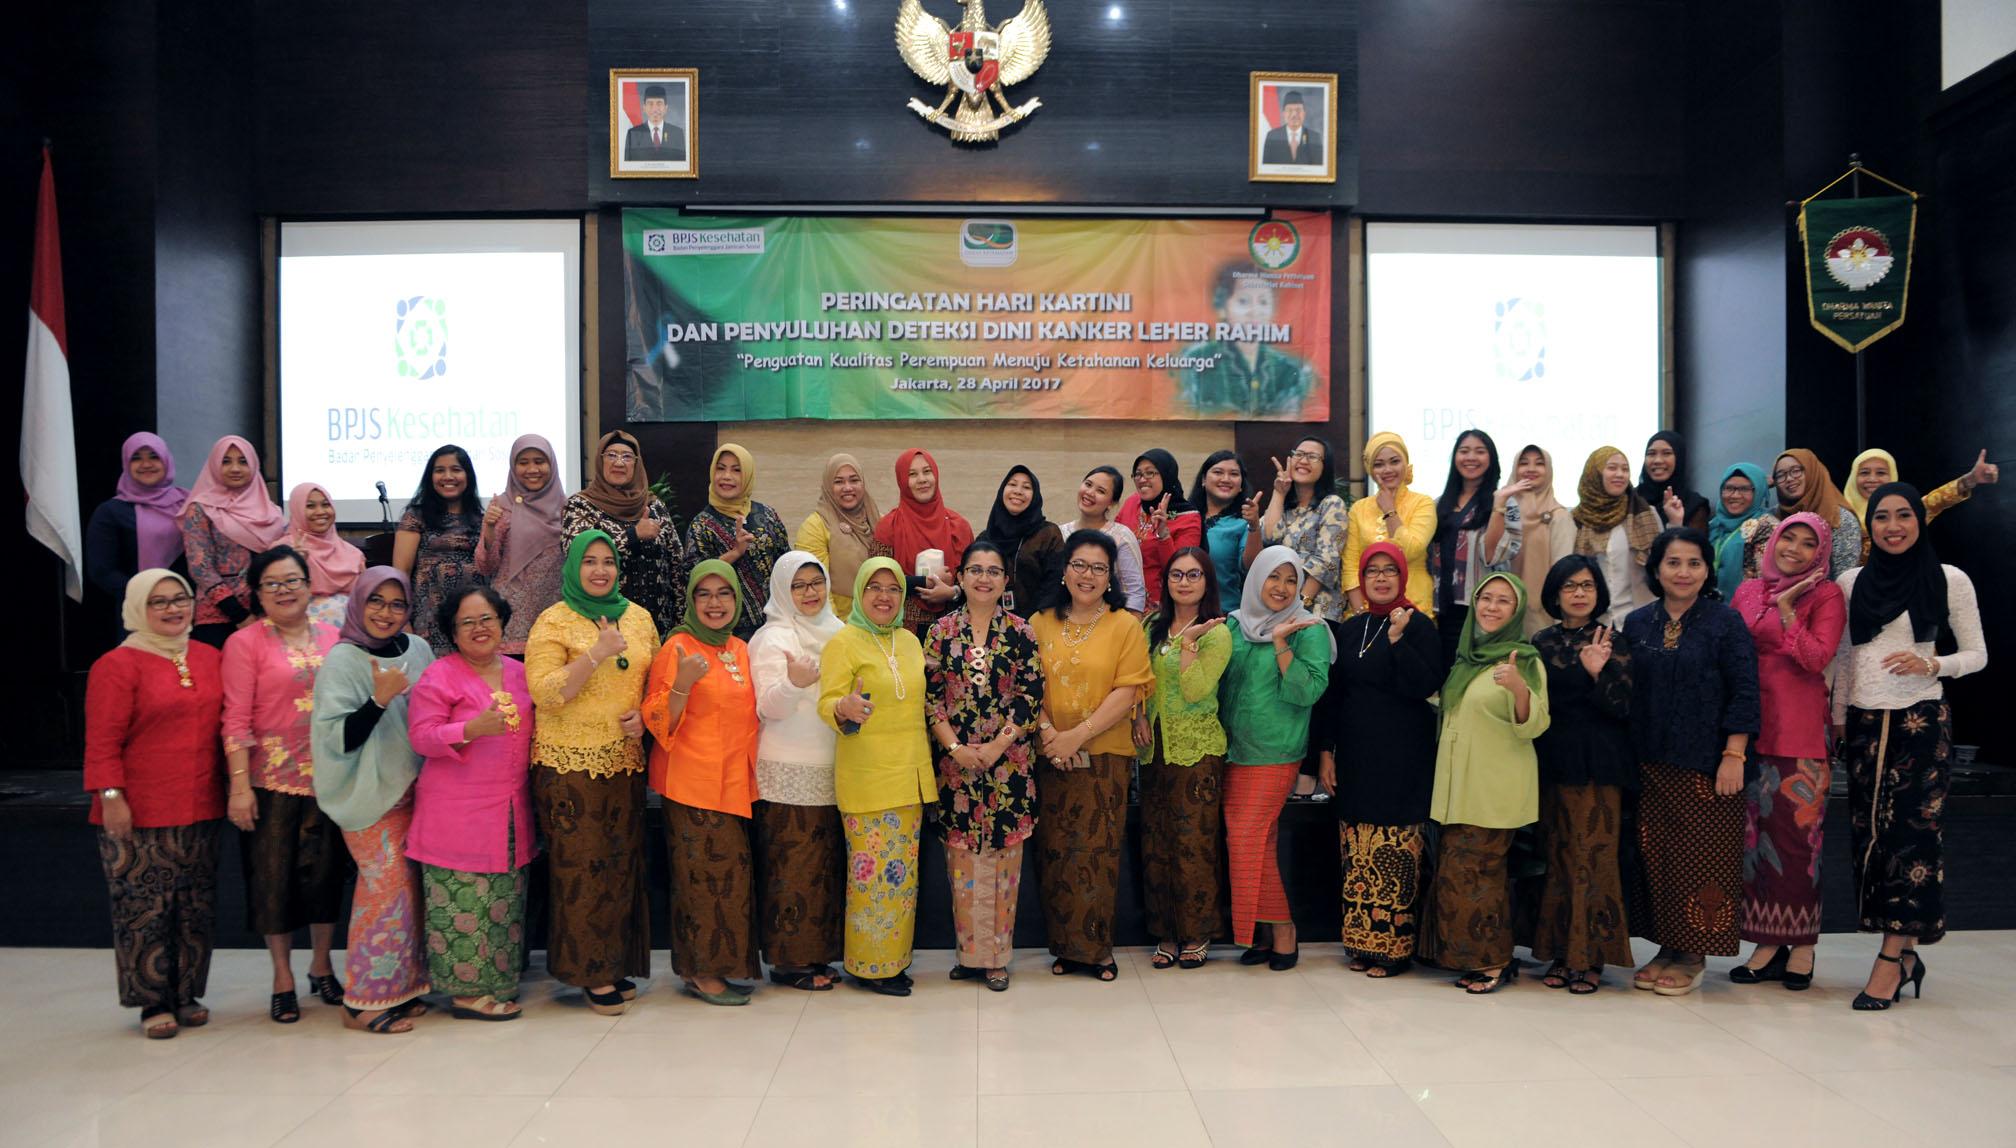 Dharma Wanita Persatuan Sekretariat Kabinet berfoto bersama saat acara Peringatan Hari Kartini dan Penyuluhan Deteksi Dini Kanker Leher Rahim di Aula Lantai 1 Gedung 3 Kemensetneg, Jakarta, Jumat (28/4). (Foto: Humas/Oji)